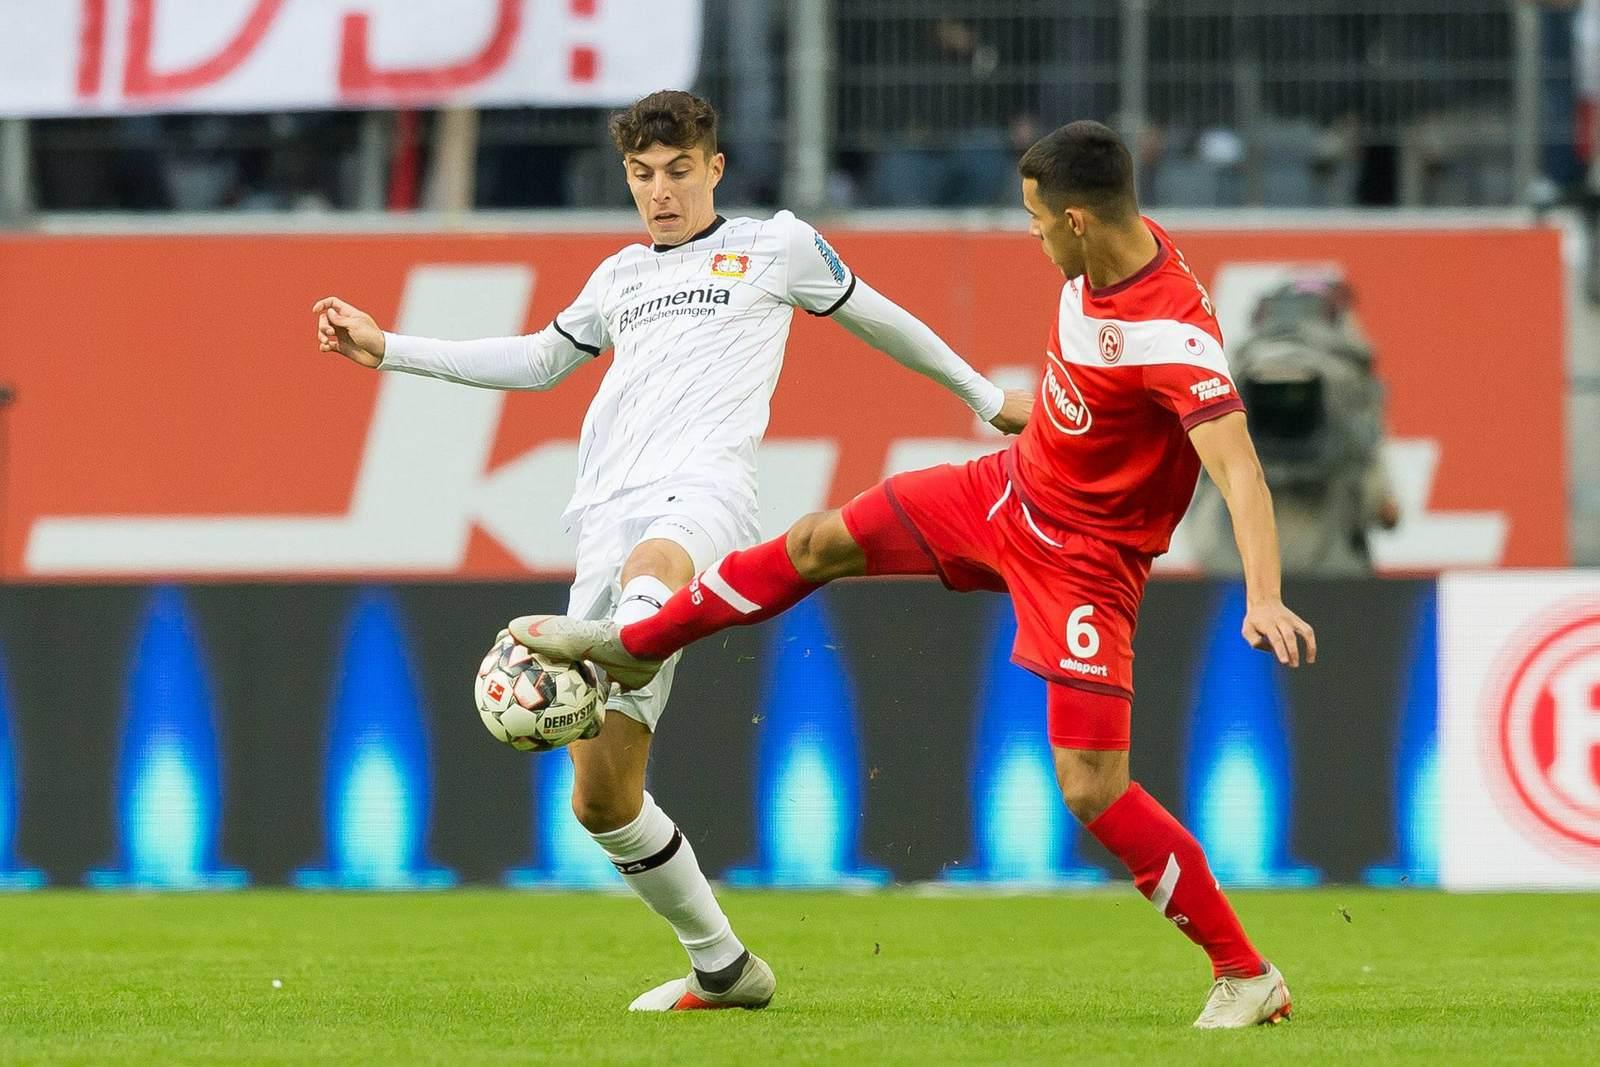 Kai Havertz im Zweikampf mit Alfredo Morales. Jetzt auf die Partie Leverkusen gegen Düsseldorf wetten.